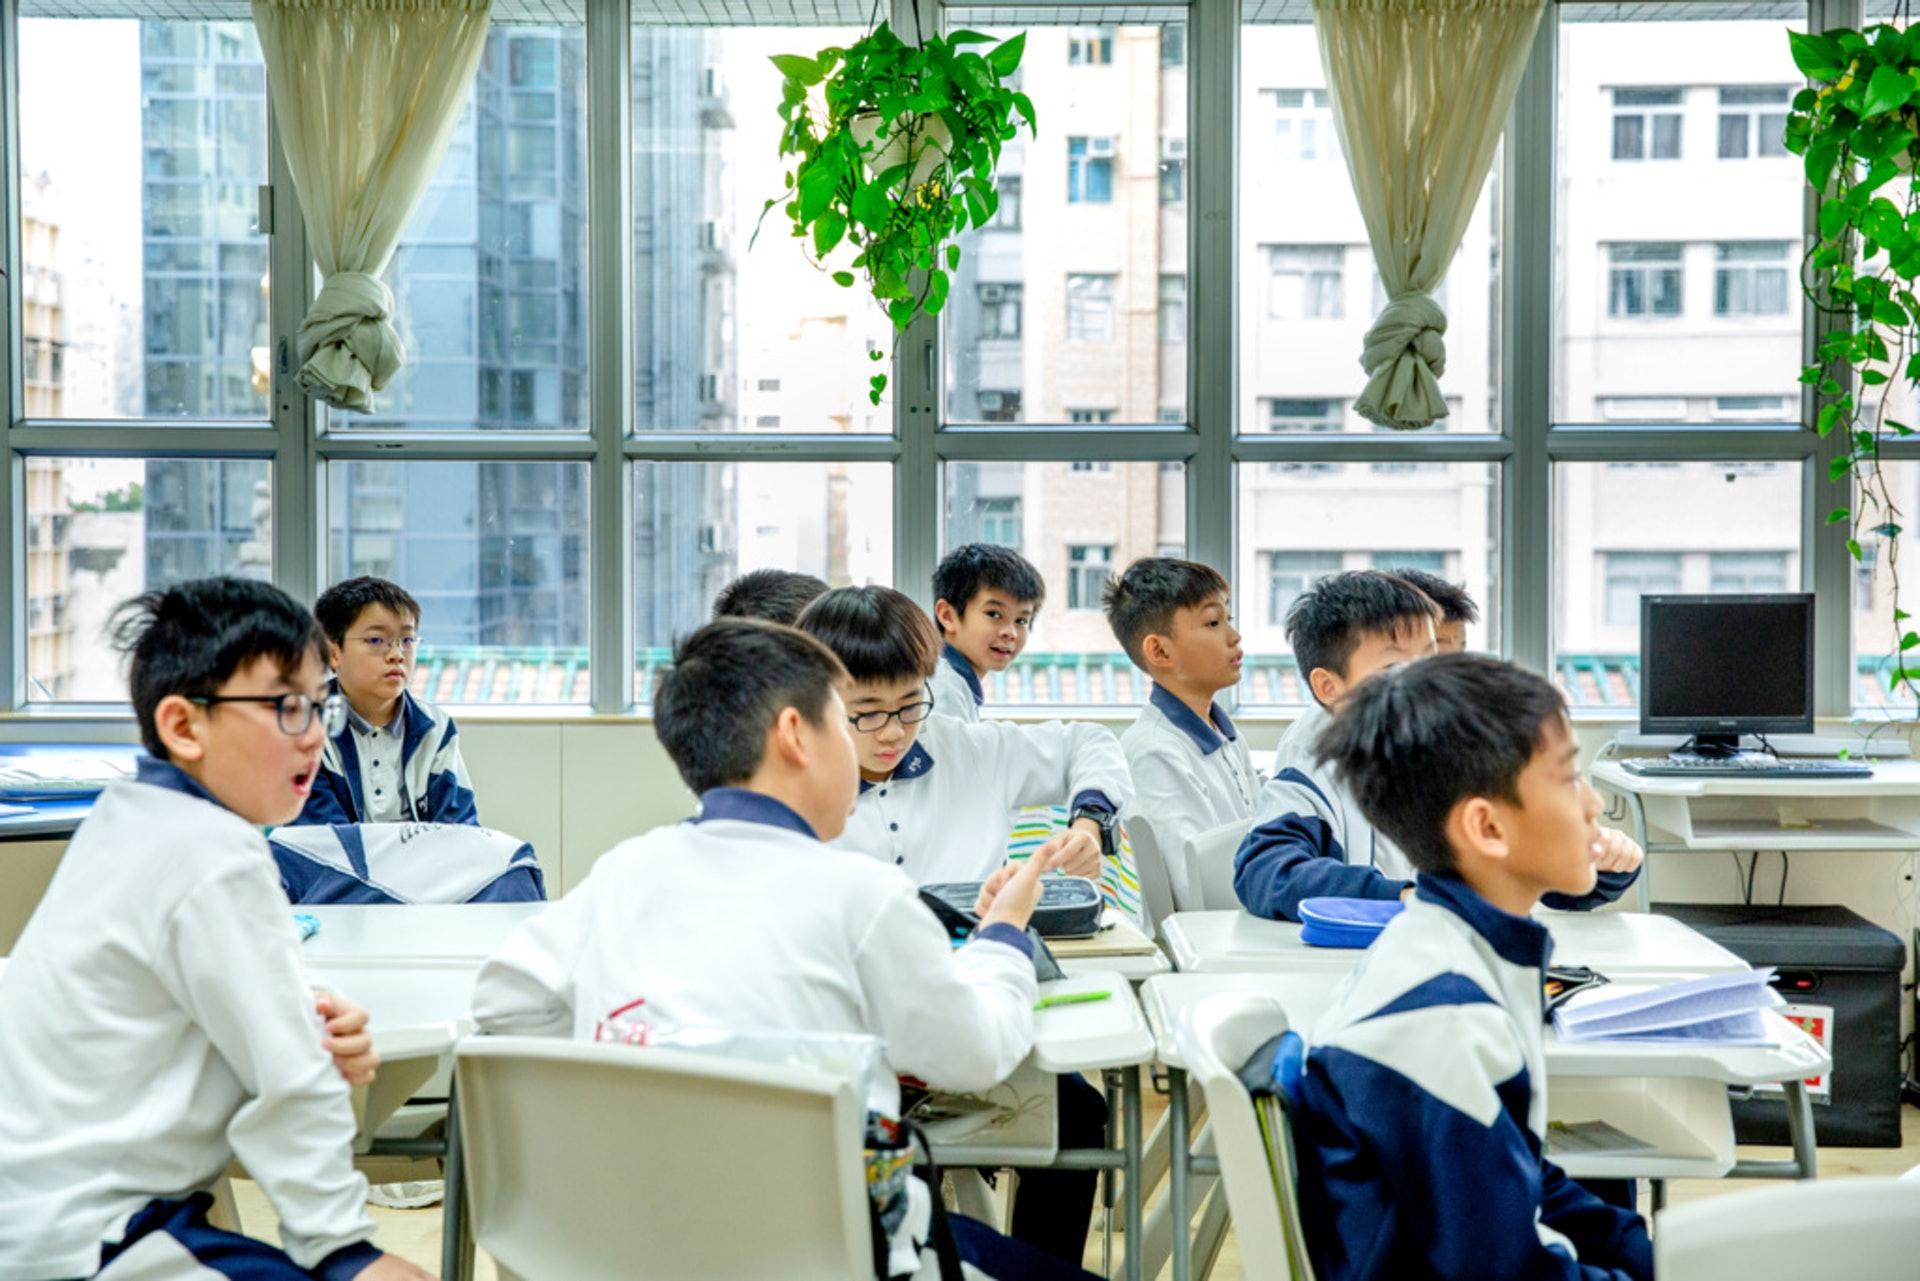 課室的桌椅方便移動,每間課室也會按不同的需要攏放桌椅。